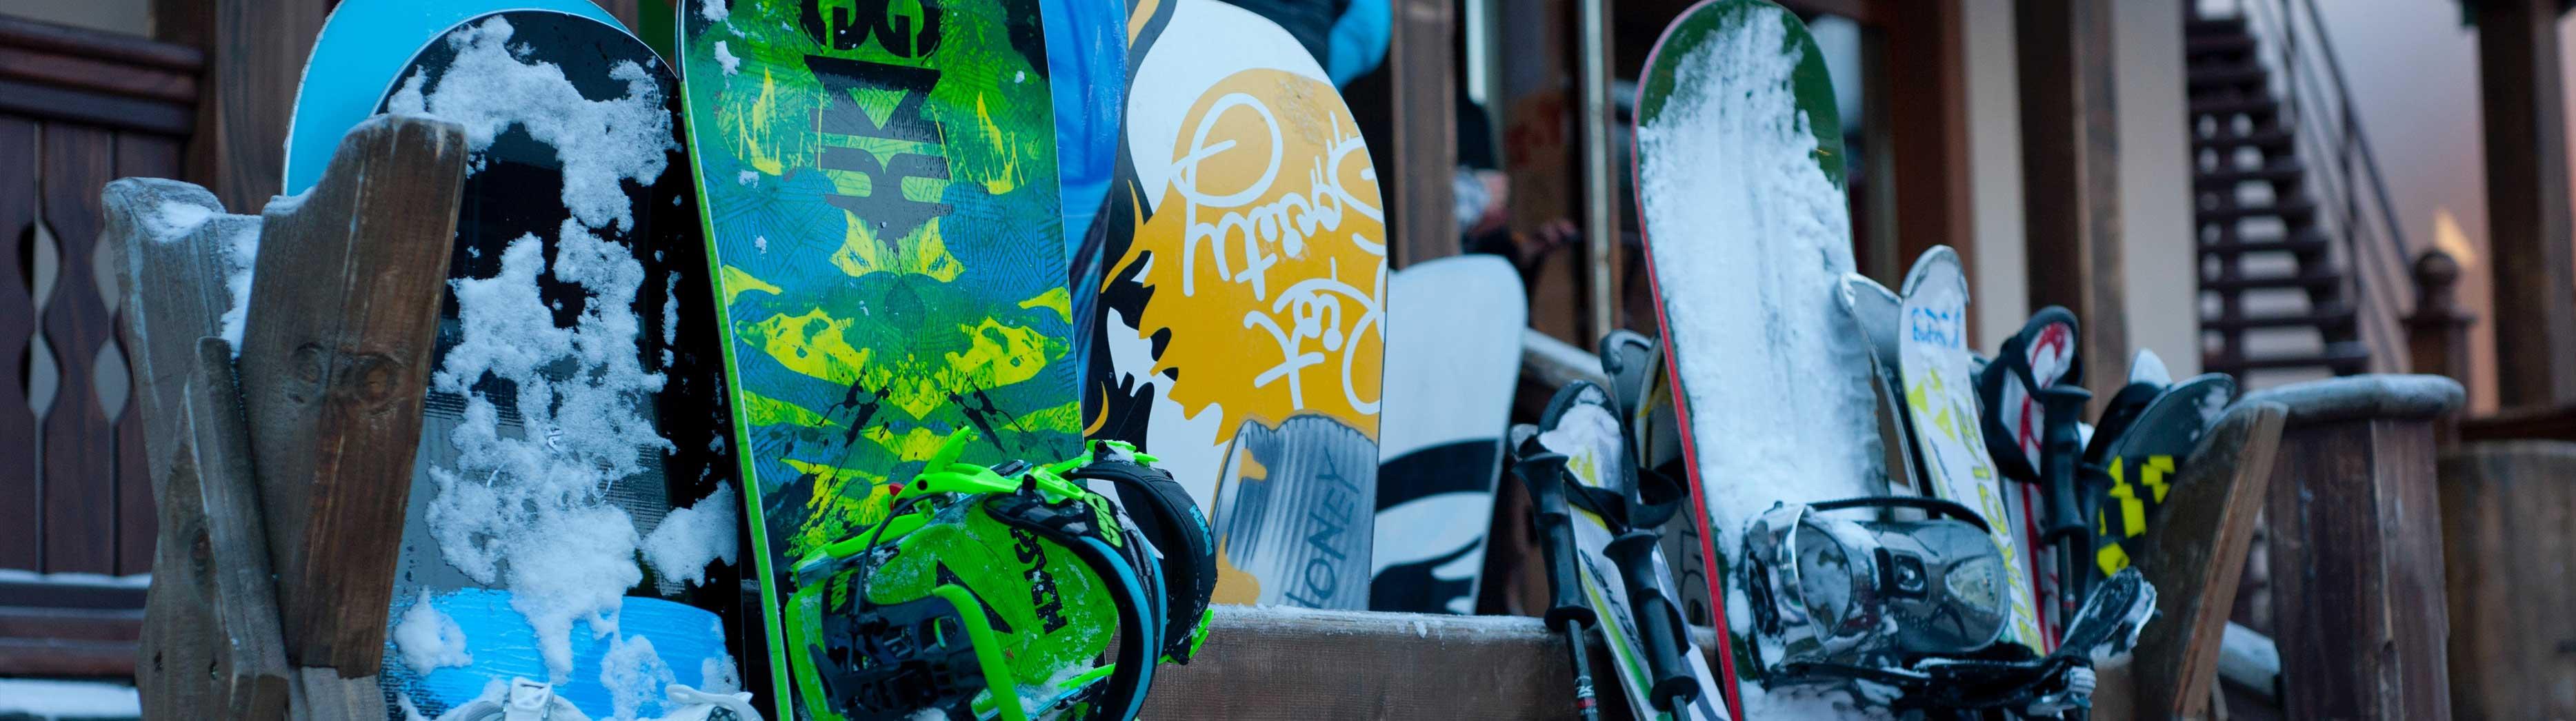 Snowboard en ski's